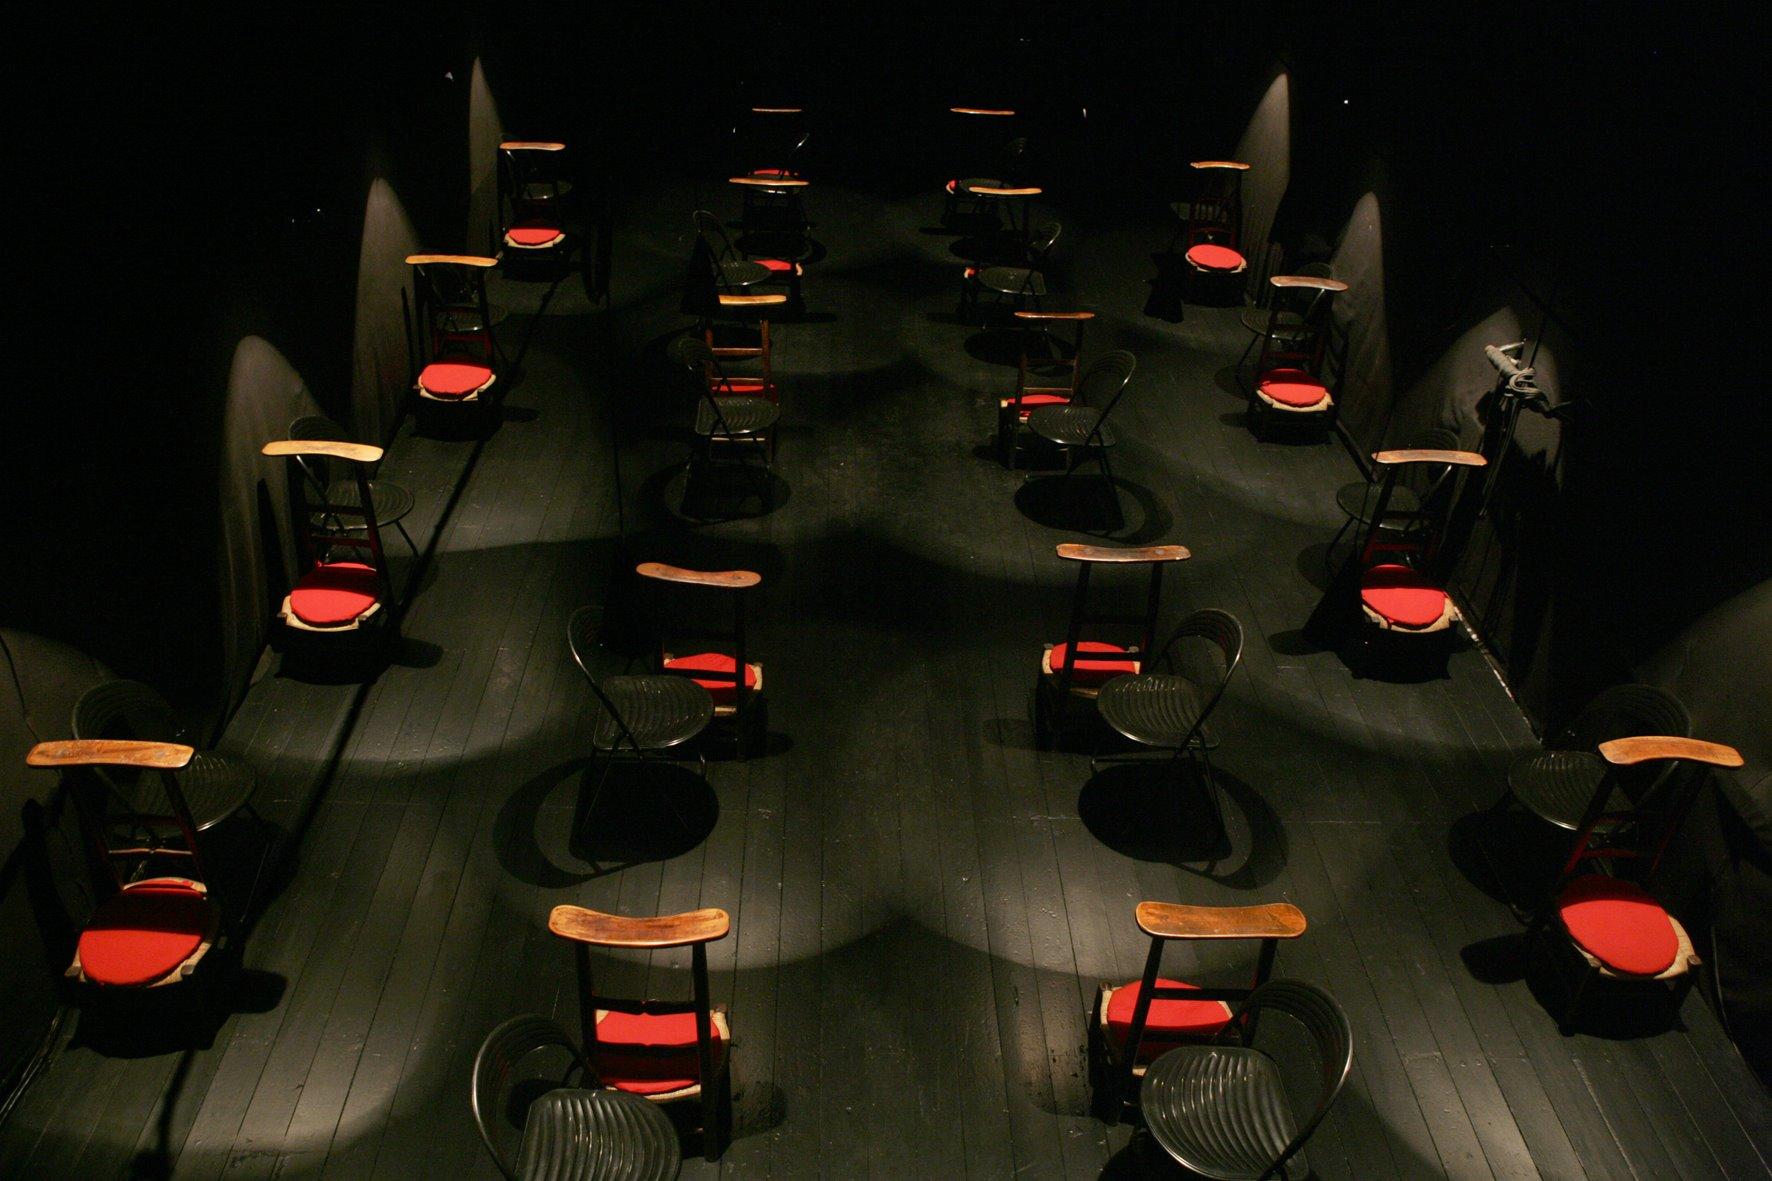 Sarà in scena al Teatro Elicantropo, dagiovedì 19 gennaio alle ore 21.00 (repliche fino a domenica 22), lo spettacoloVisite da testi di Vargas Llosa, interpretato da Marcello Vitiello e Roberto [...]